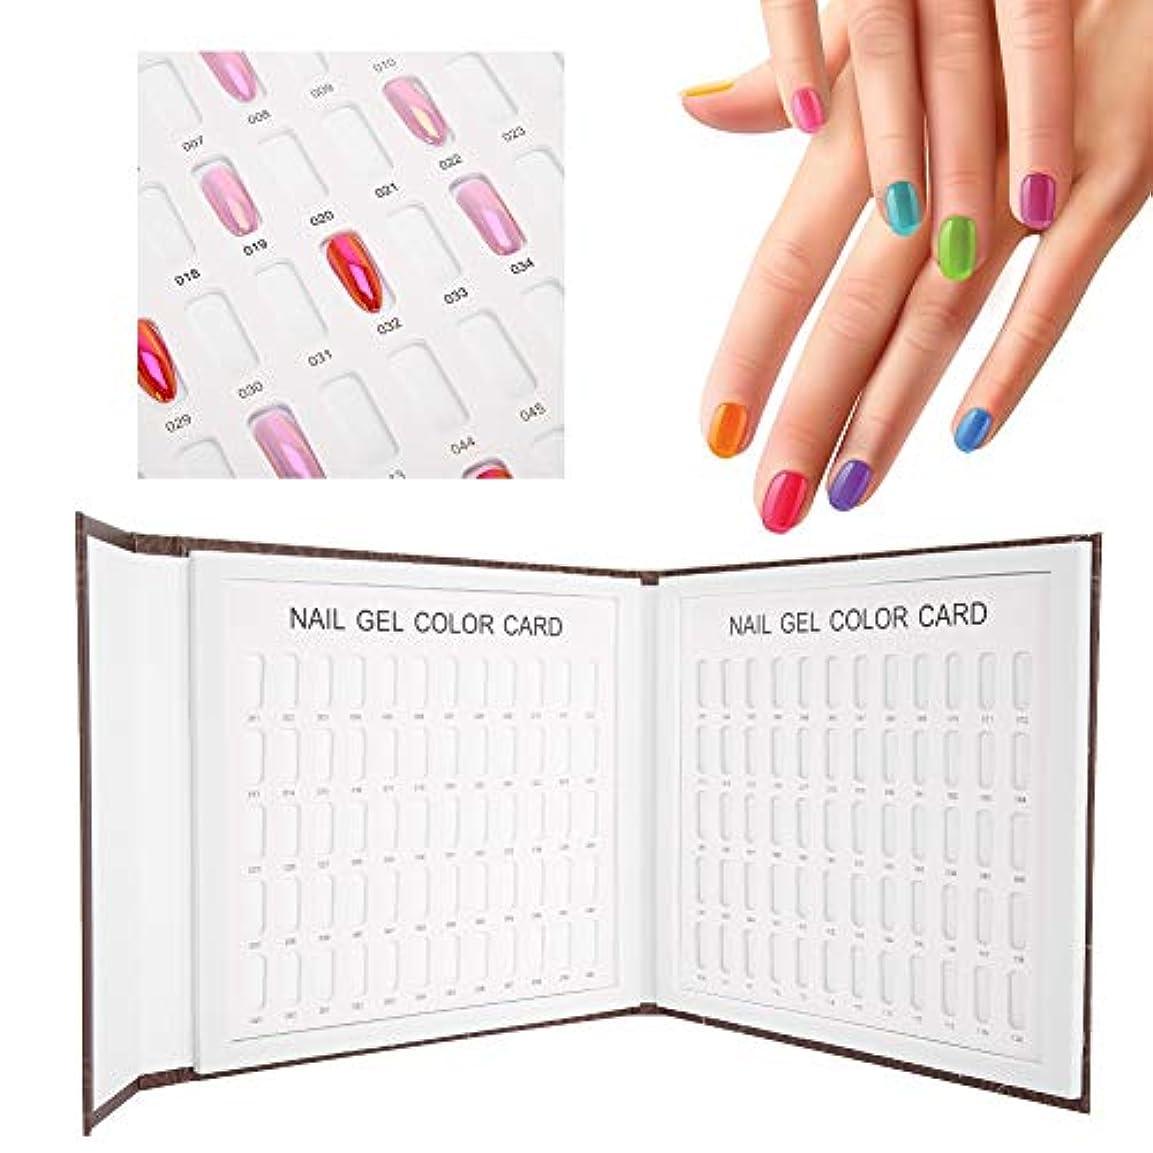 広告主事実こんにちはネイルアートディスプレイスタンド 120色 ネイルジェルカラーカード ネイルポリッシュディスプレイチャート本ネイルアート表示棚(2)